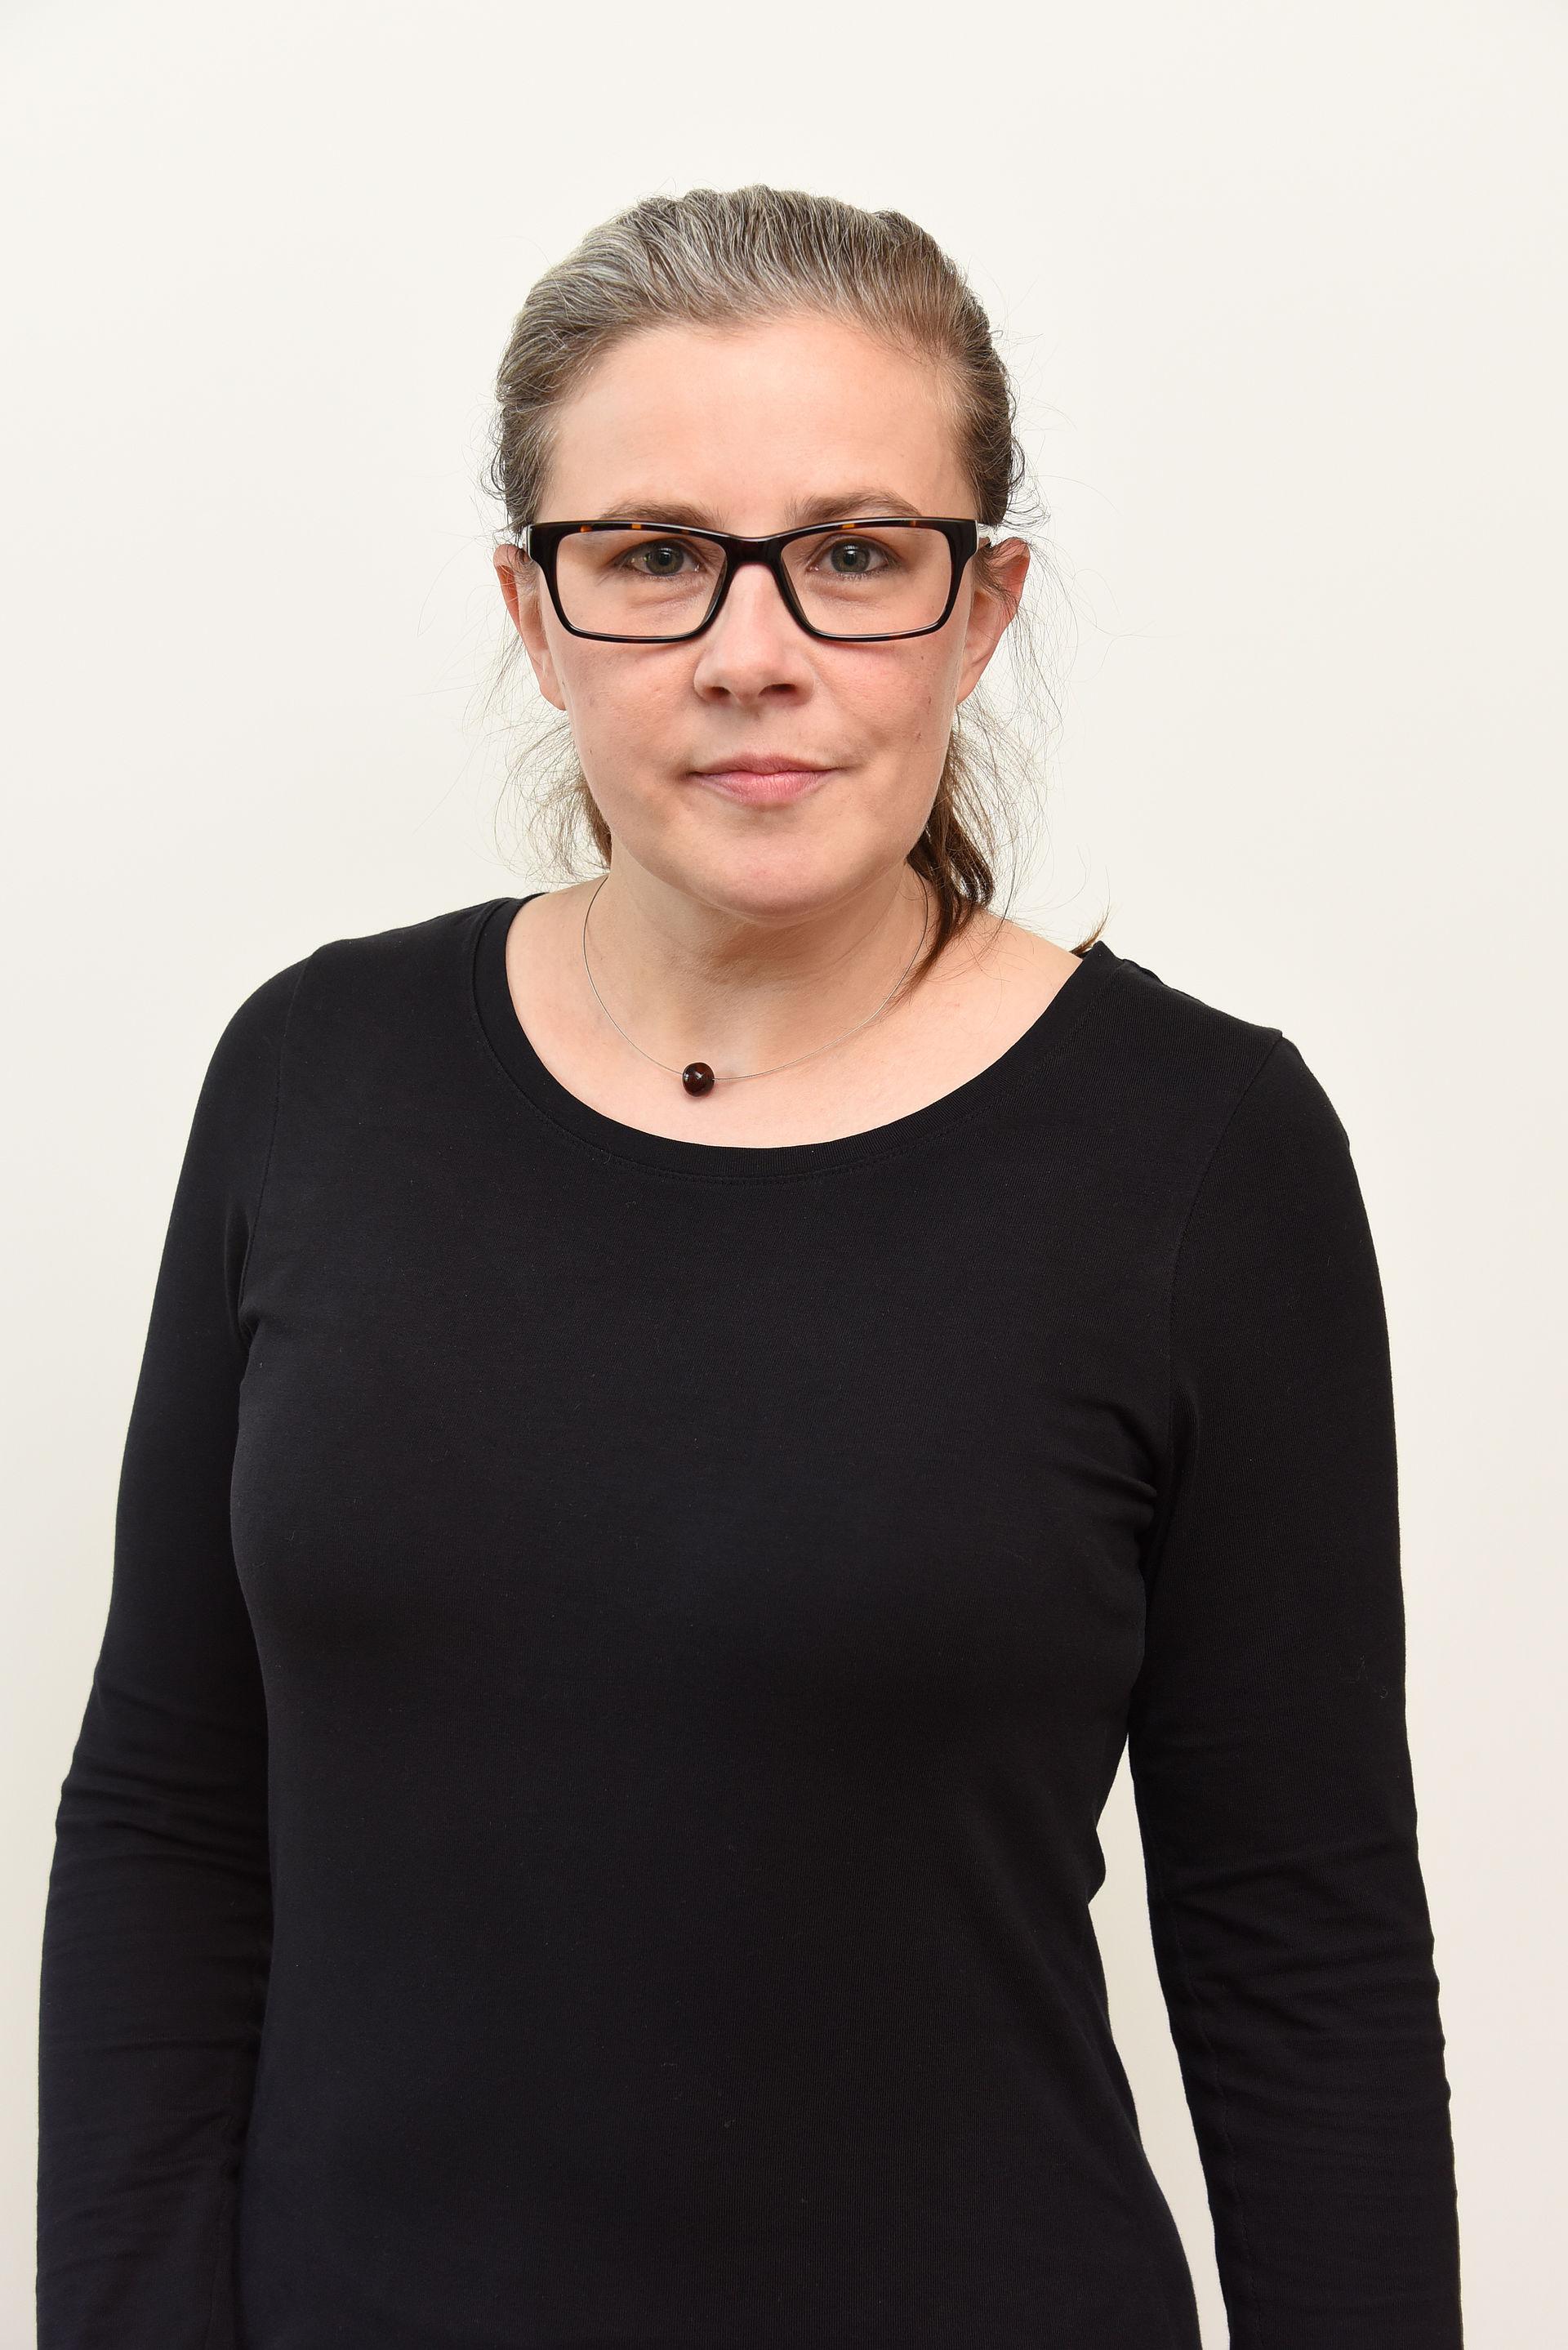 Konstanze Breidenstein - Passfoto